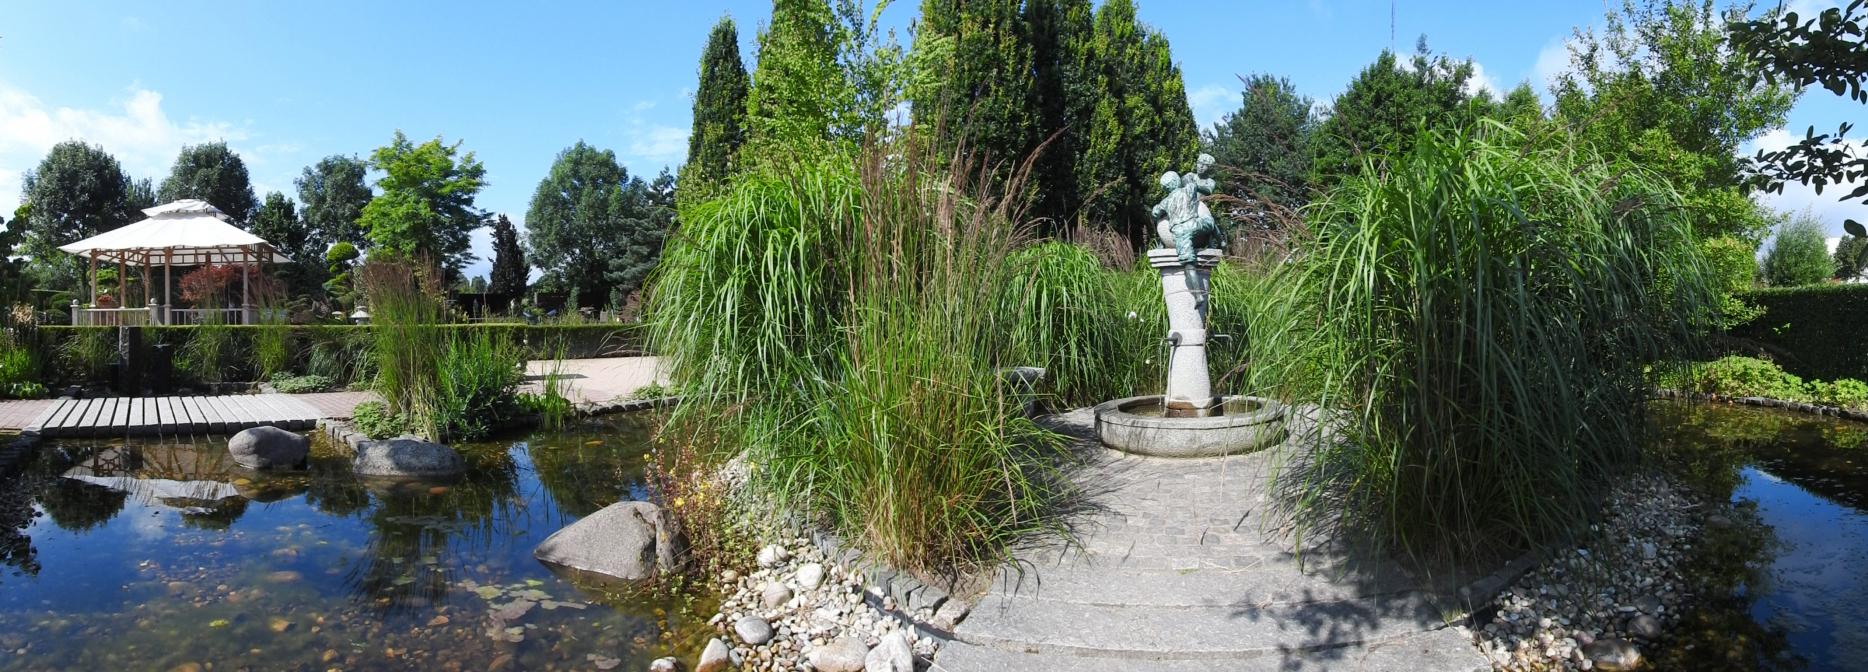 Im Park der Gärten